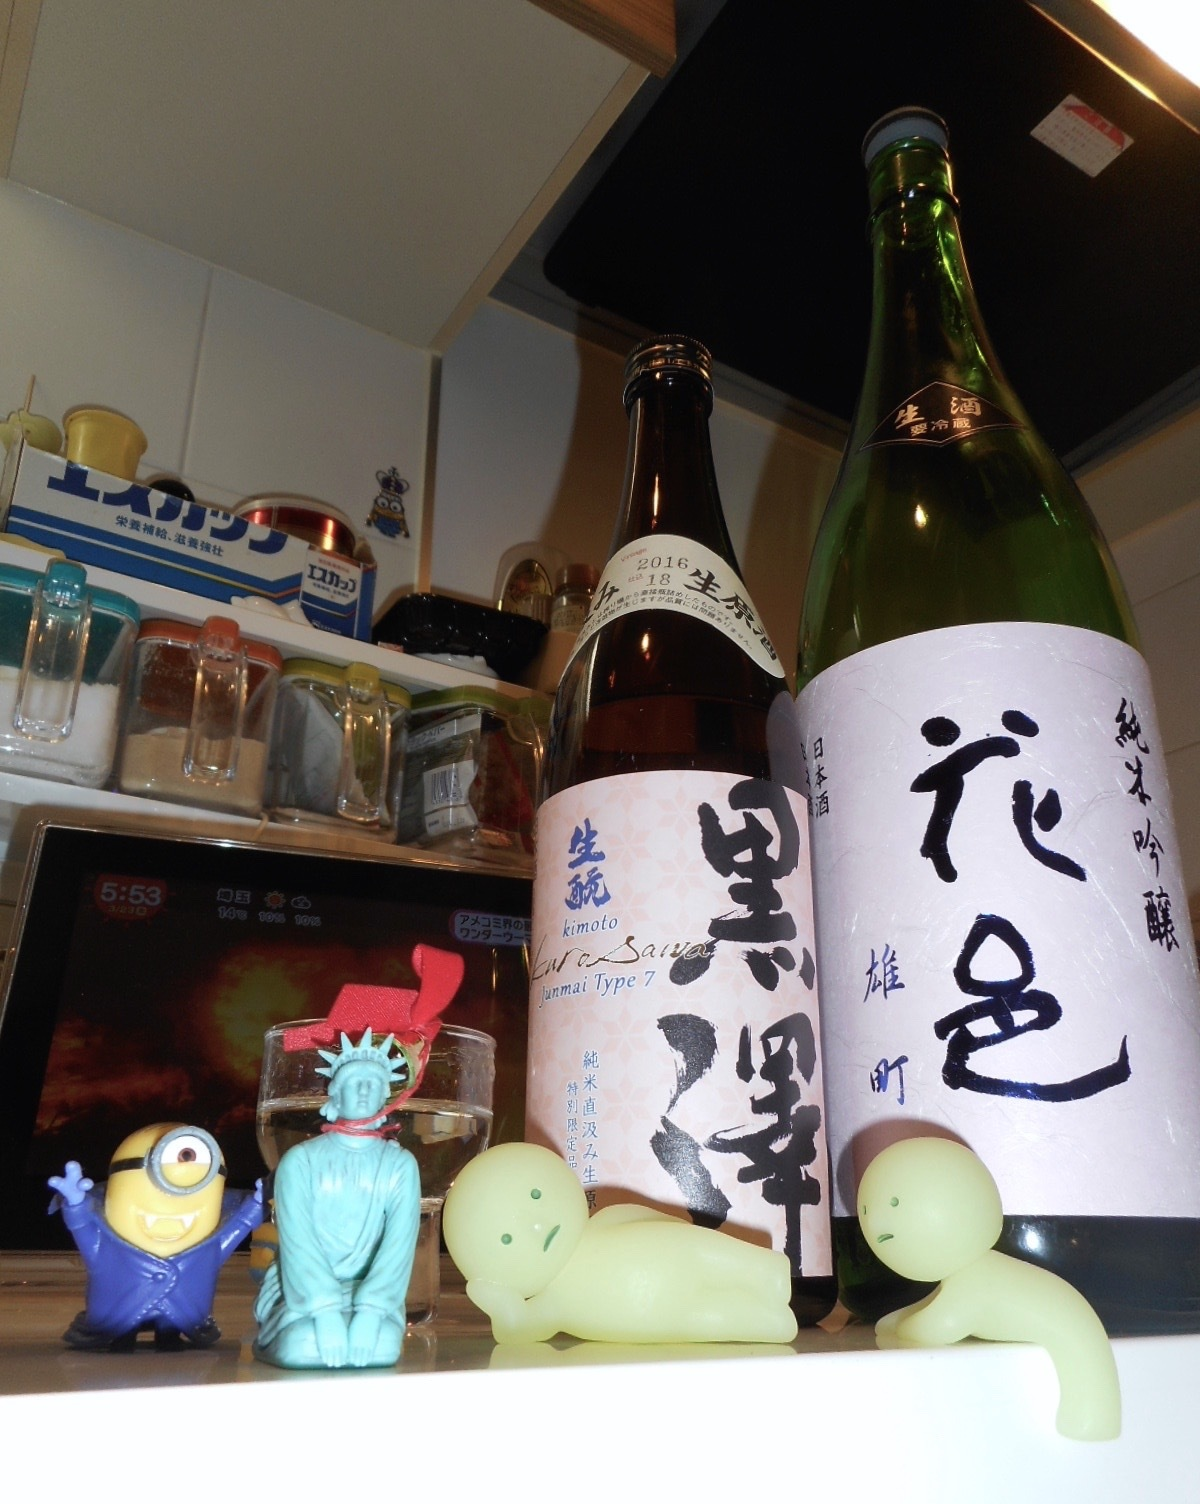 kurosawa_type7_28by6.jpg